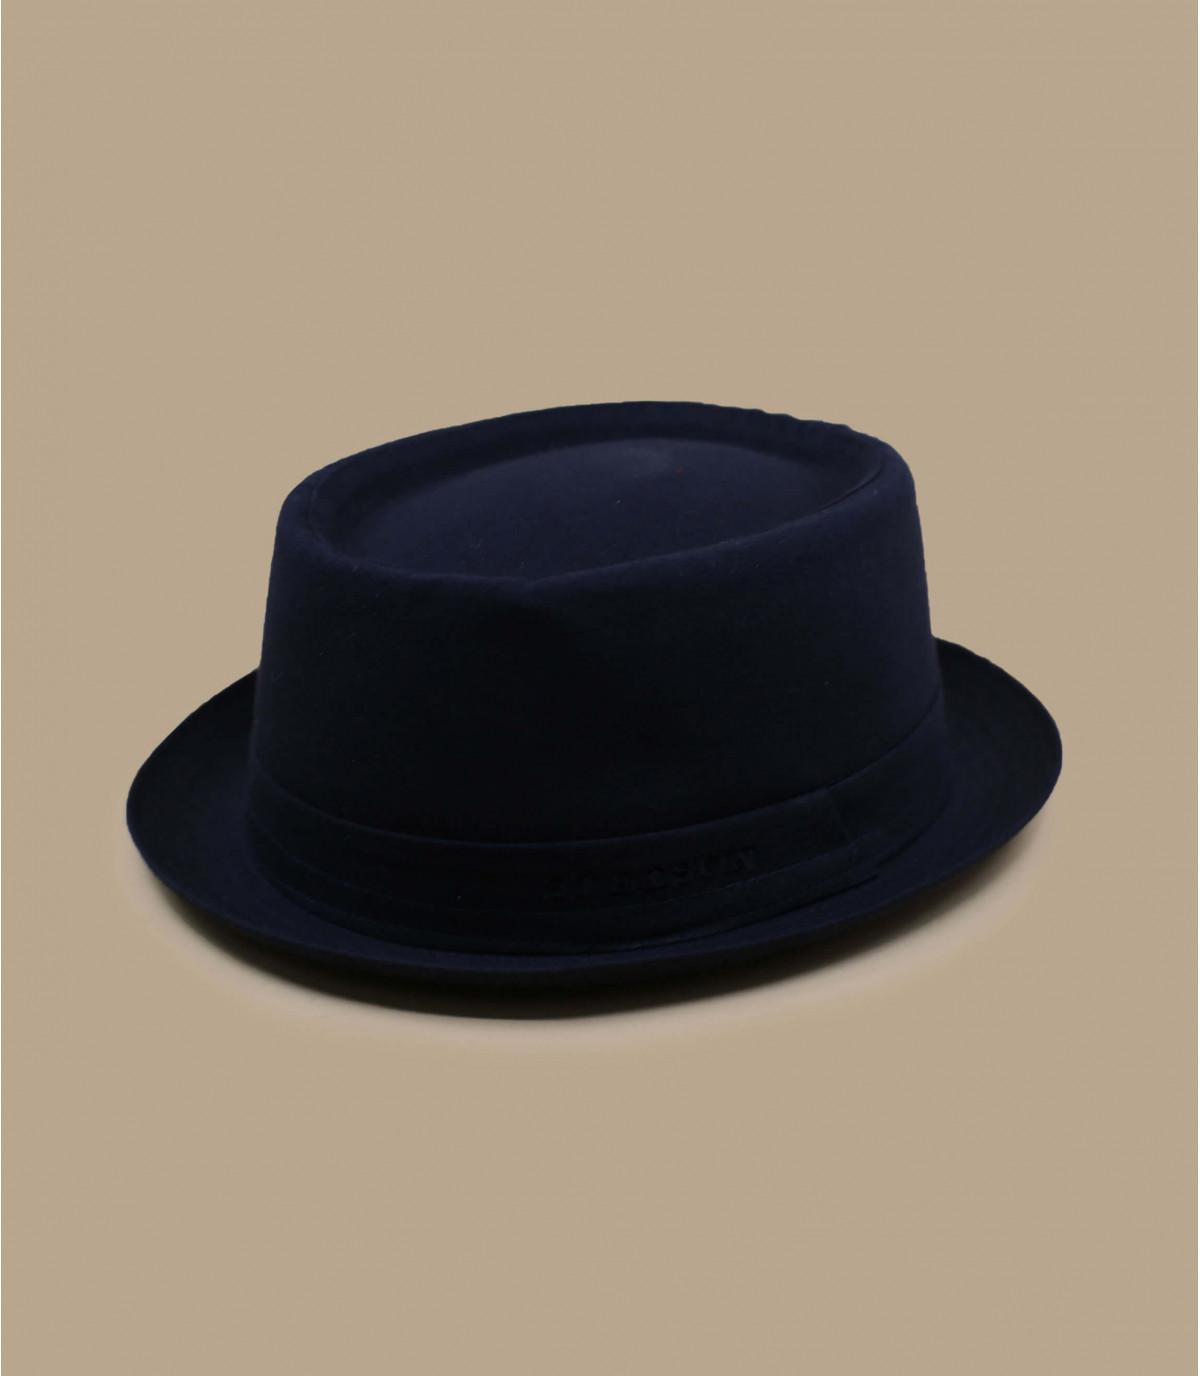 Pork pie hat - Buy online pork pie hats. 082bcbc2291